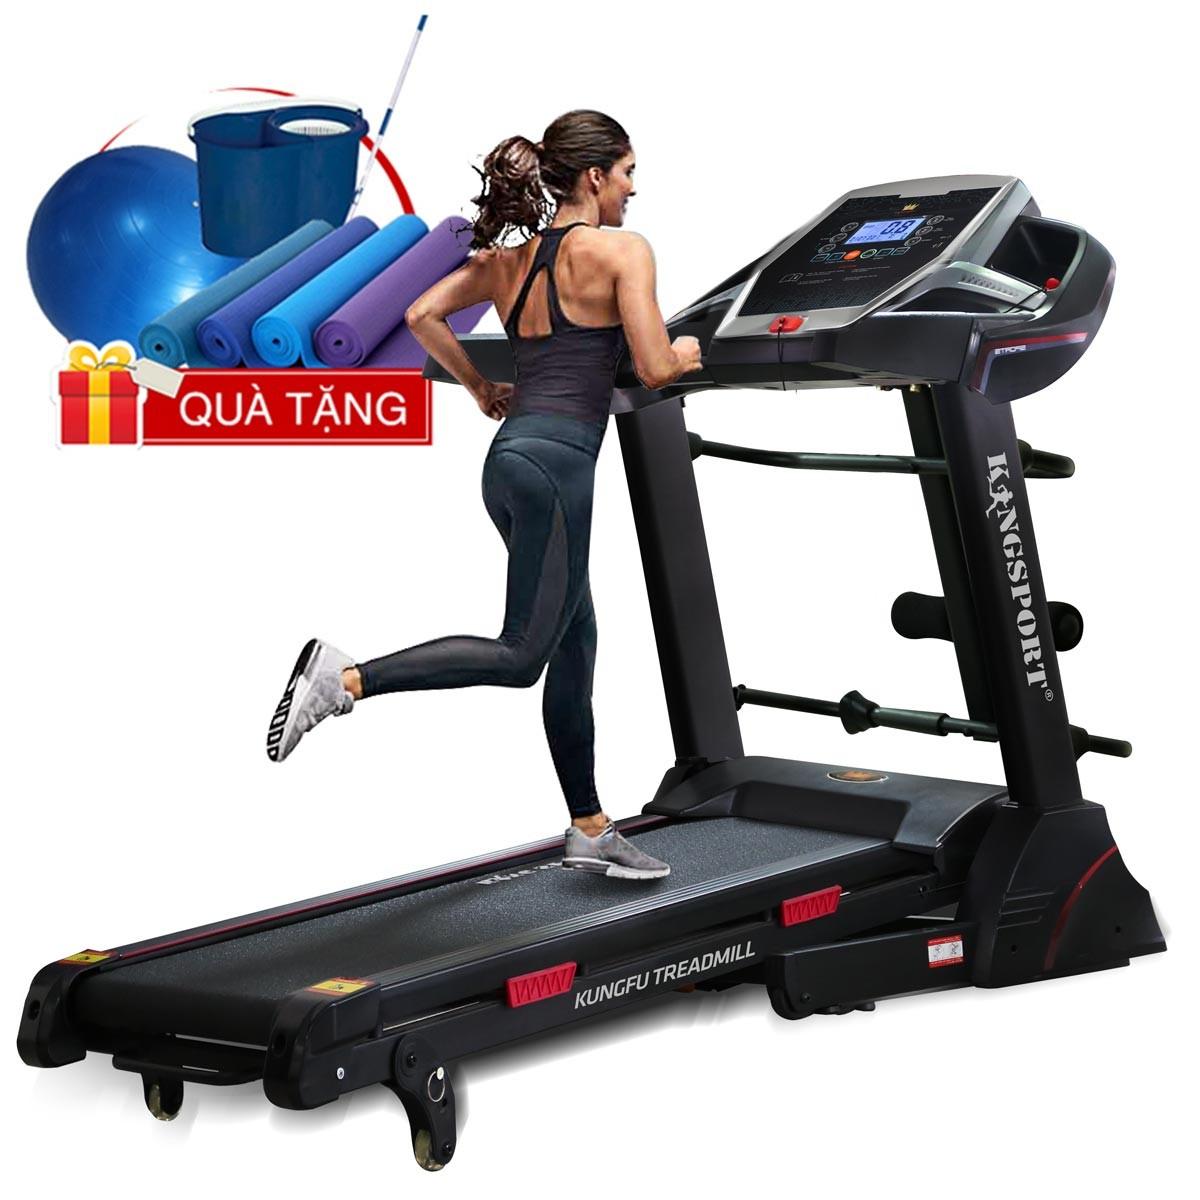 Máy chạy bộ KingSport Kungfu đa năng